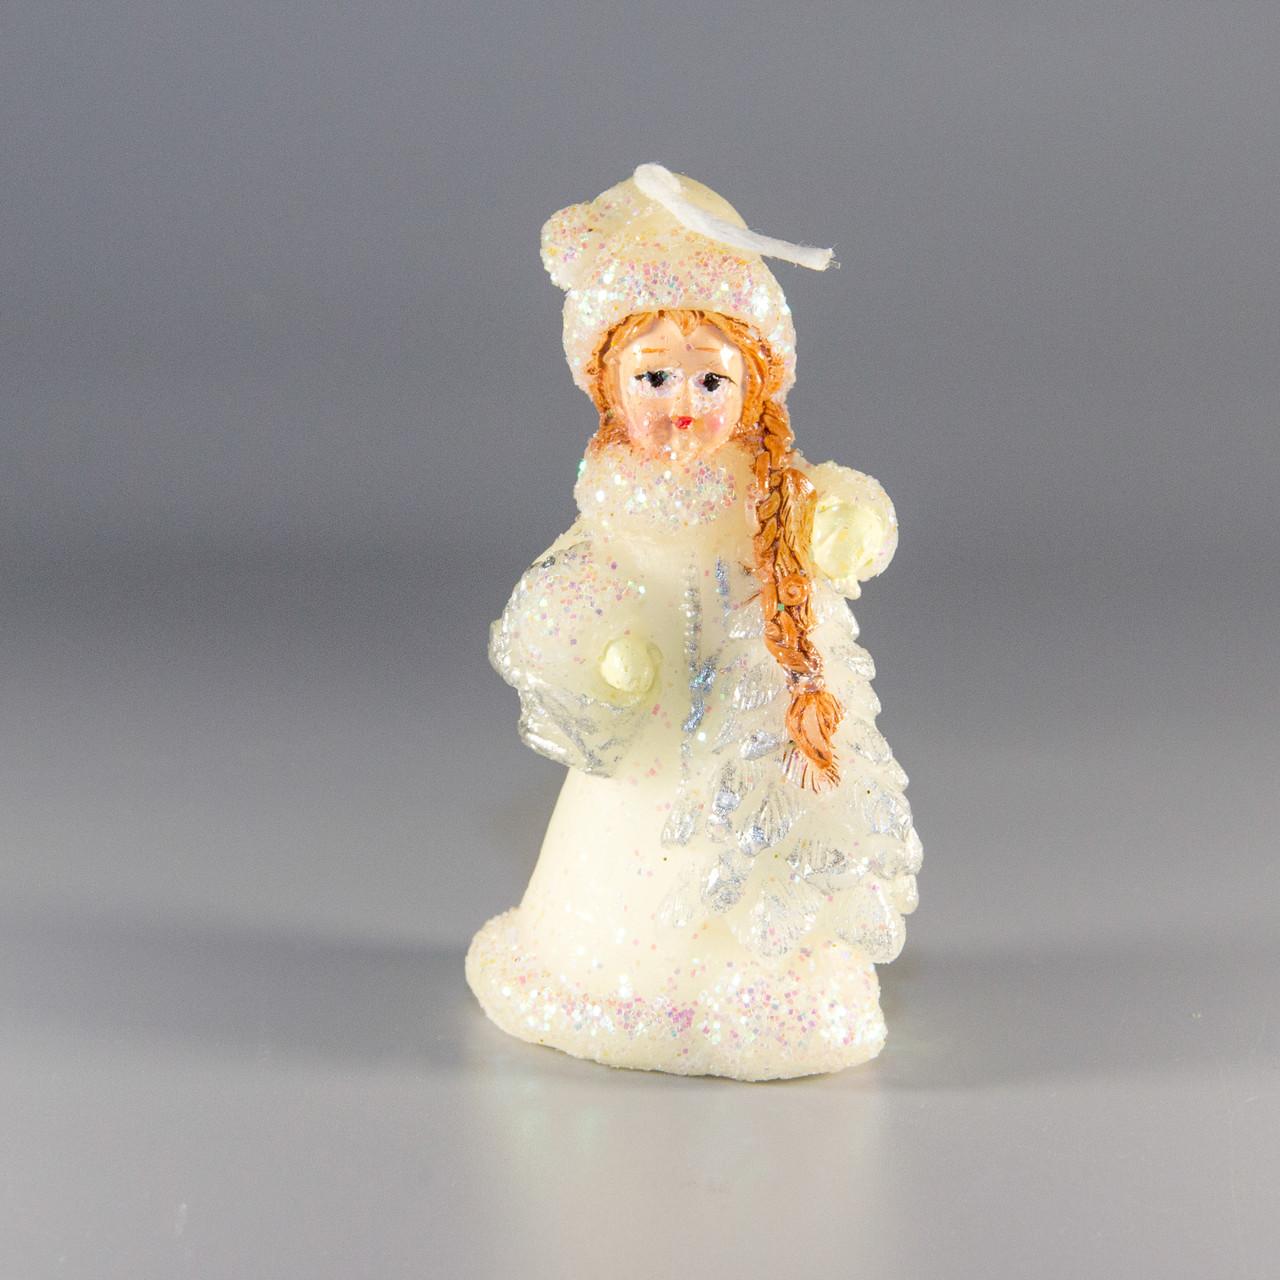 Свечка - Снегурочка с елкой, 7 см, белый, воск (790982-1)